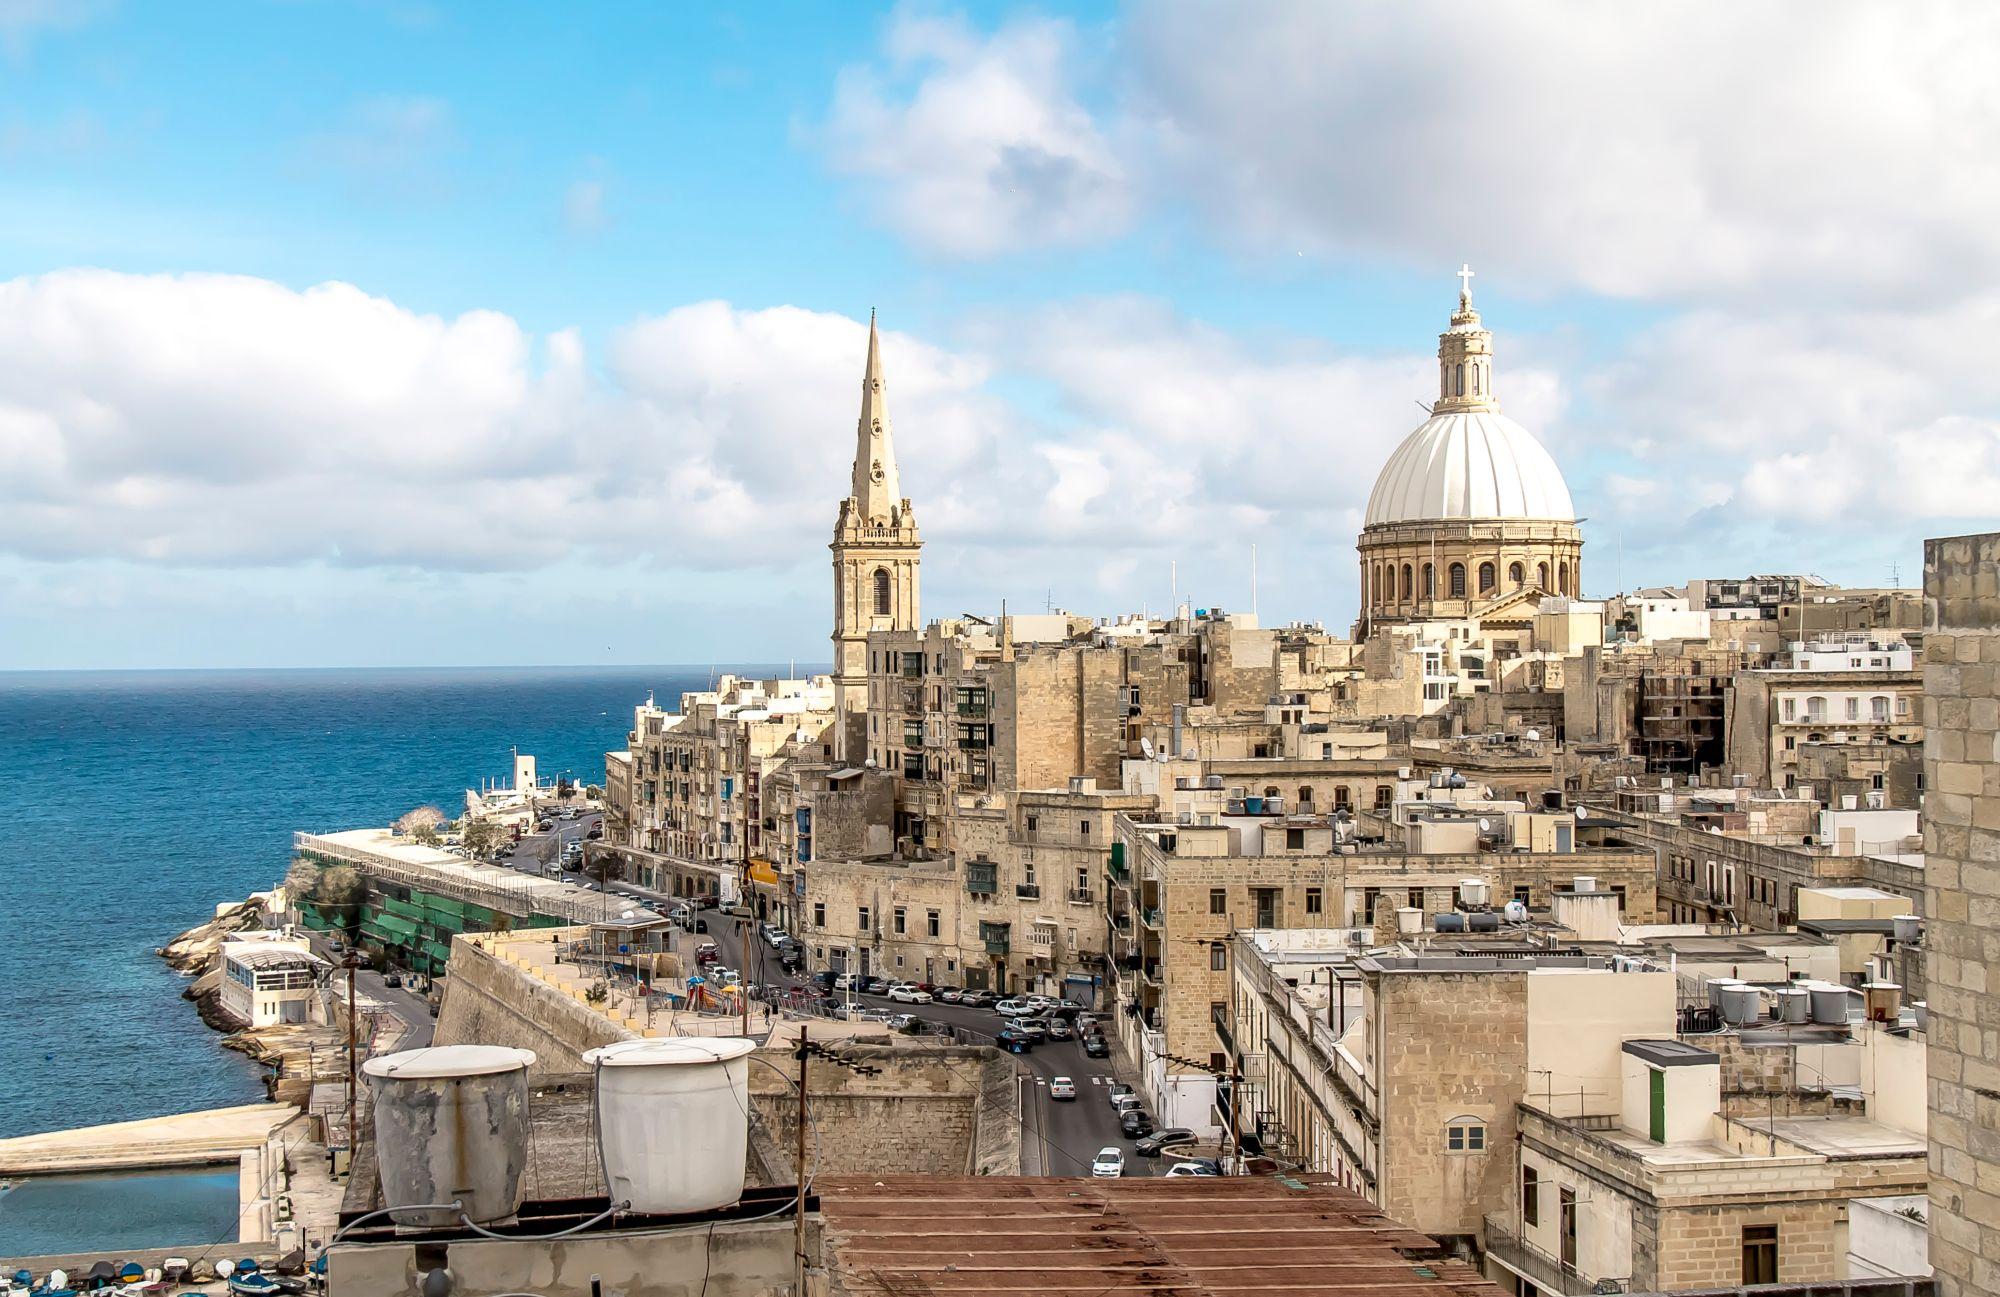 Malta widok miasta